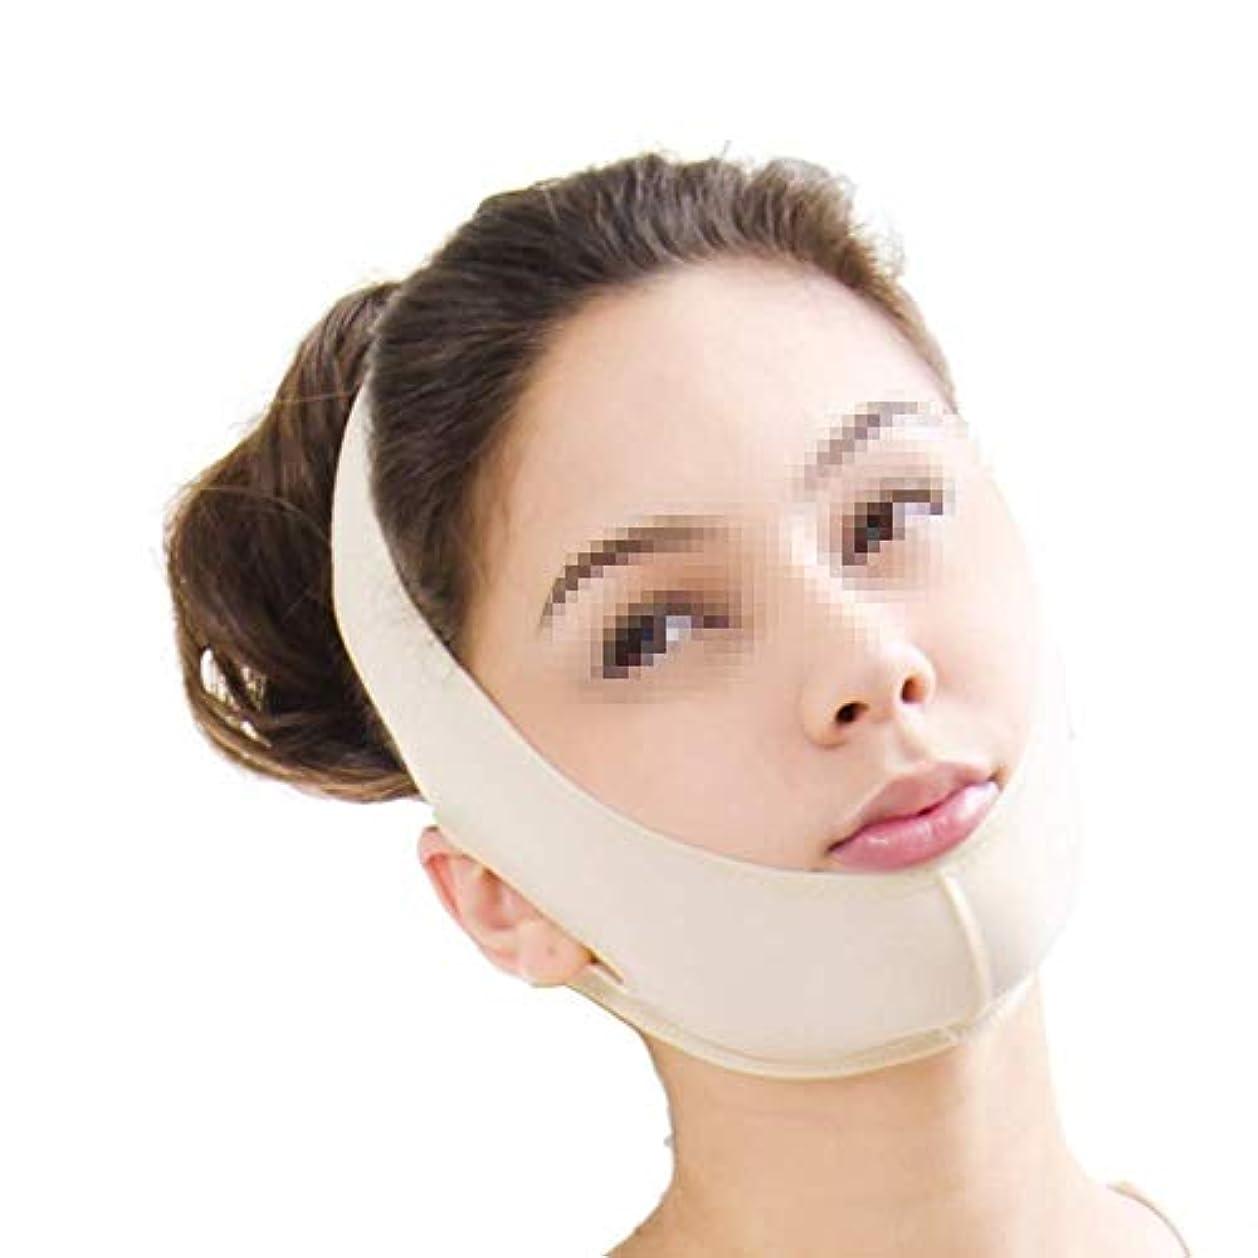 許される進行中オーケストラフェイスリフトマスク、顎顔面ダブルチン化粧品脂肪吸引後圧縮小顔包帯弾性ヘッドギア(サイズ:XXL)